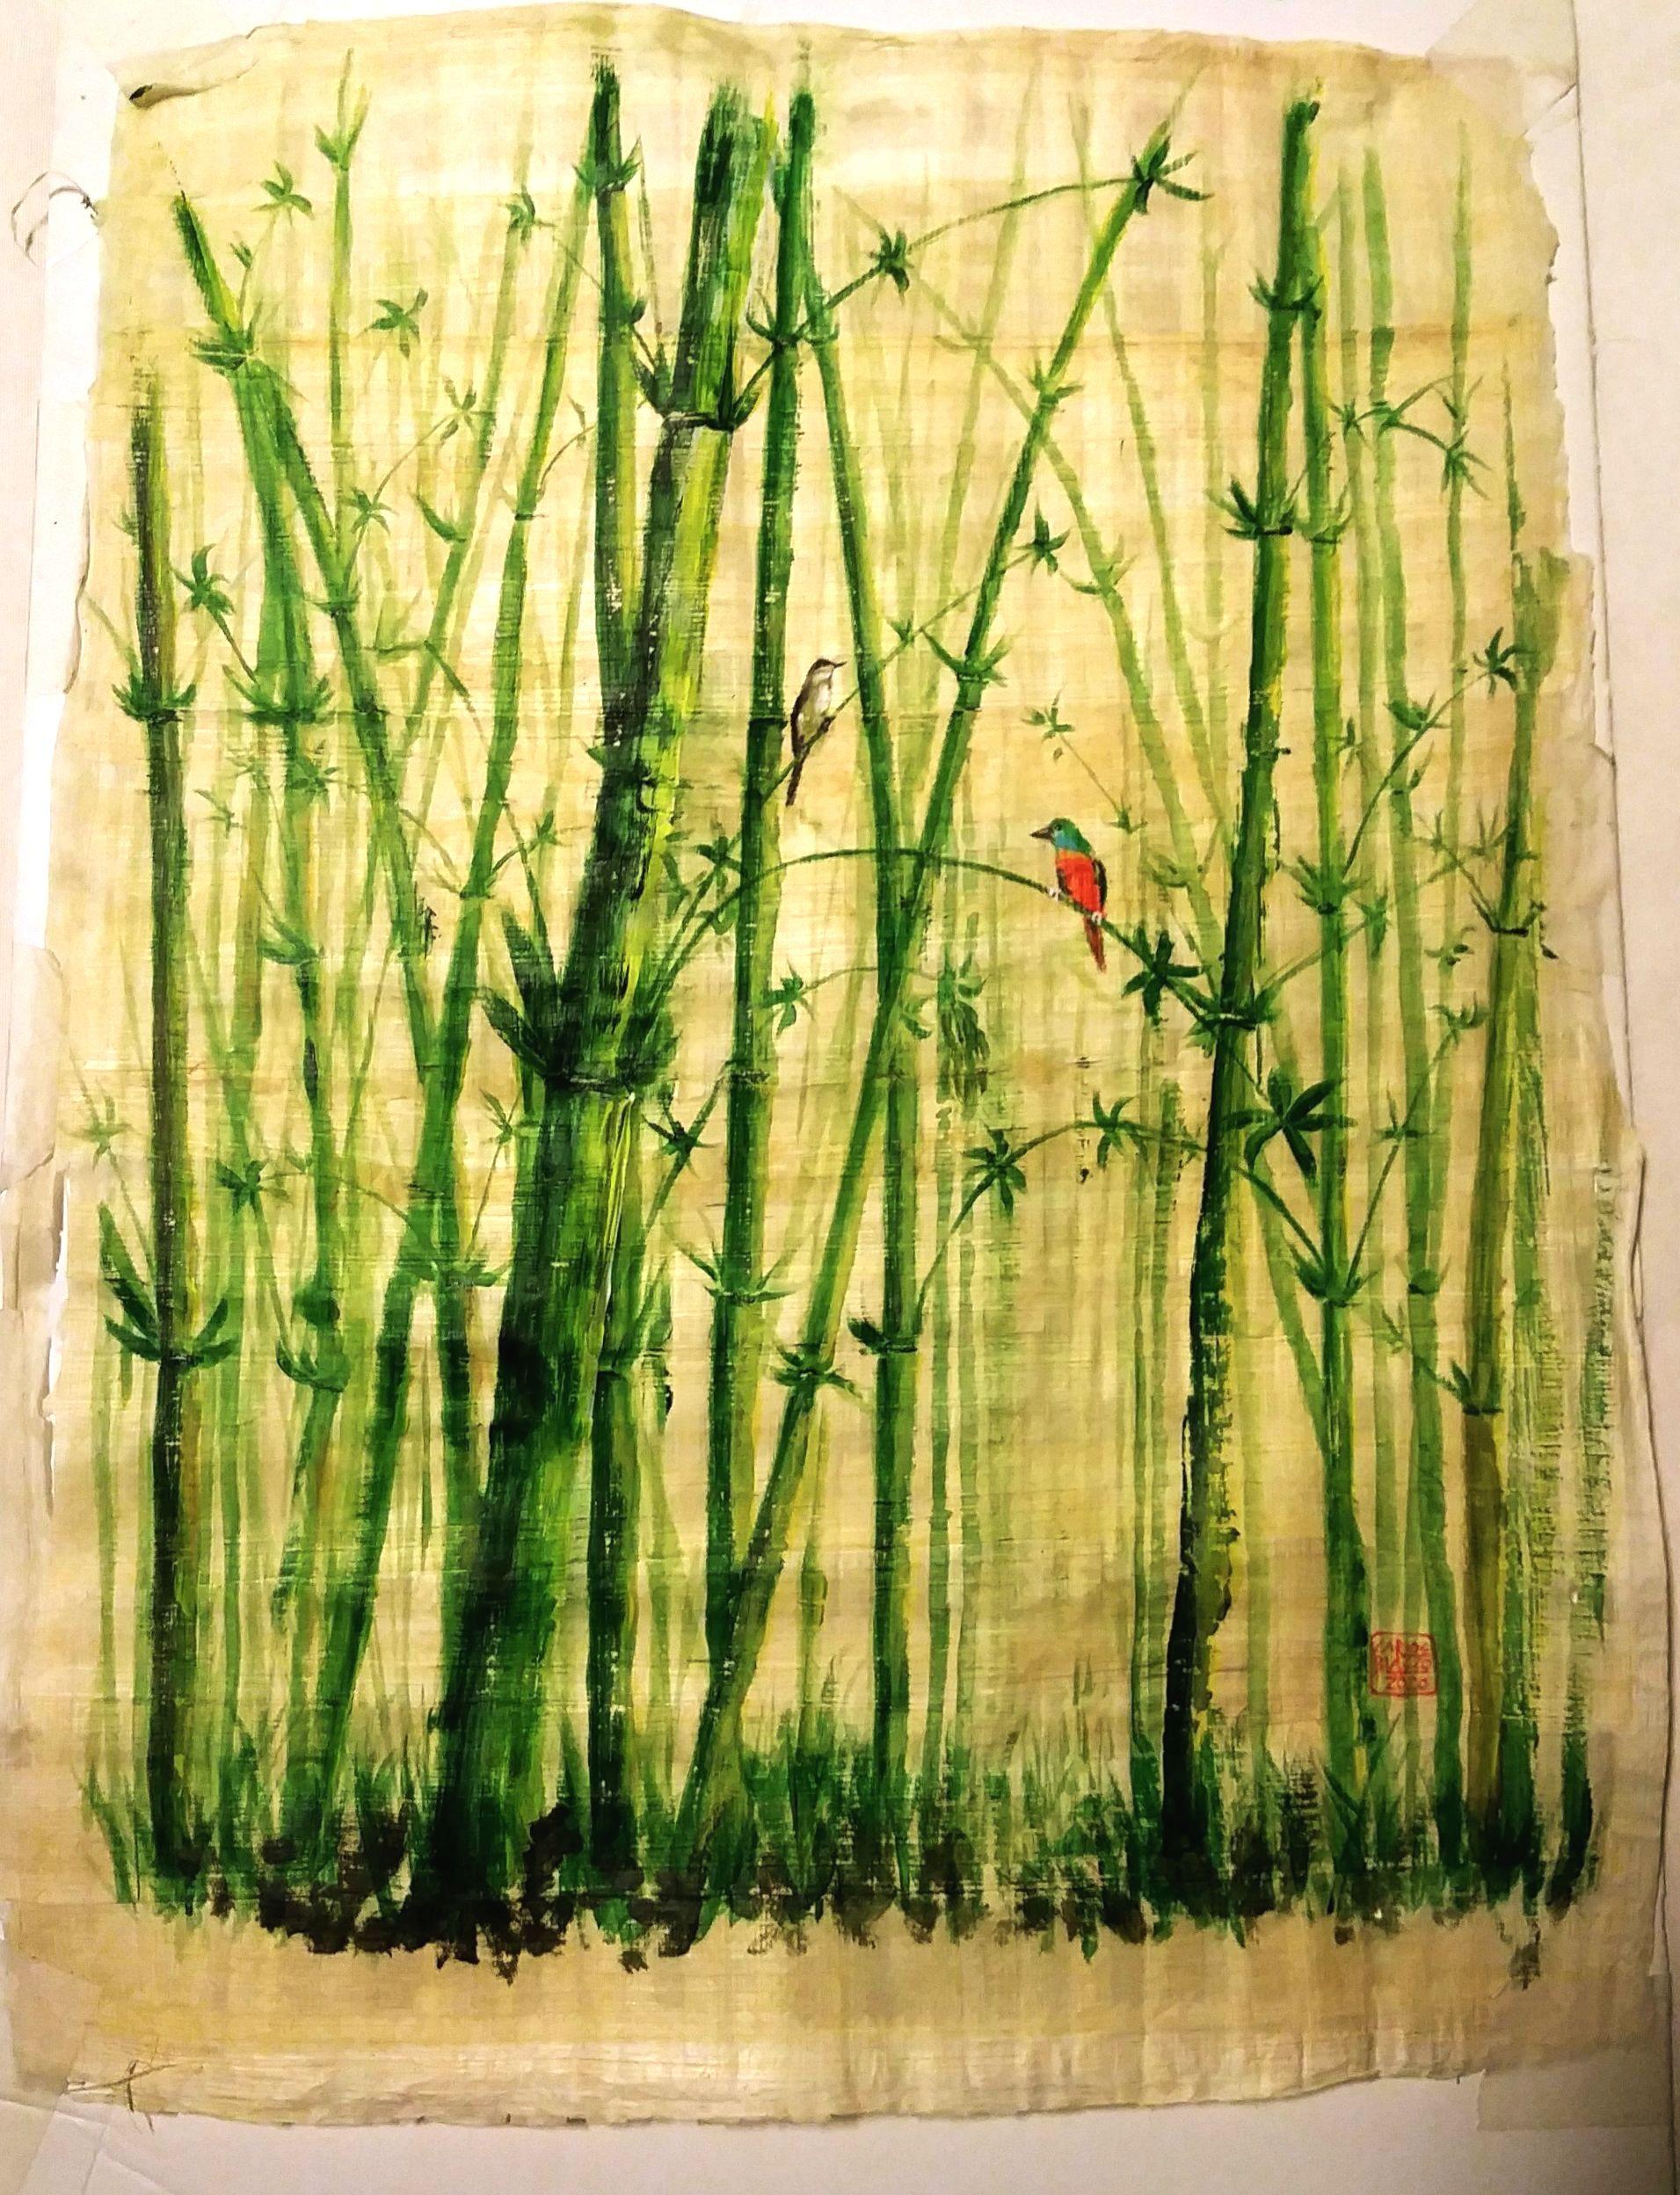 BOSQUE DE BAMBÚ CON 2 PÁJAROS - Acrílico sobre papiro egipcio - 43x33 cms.